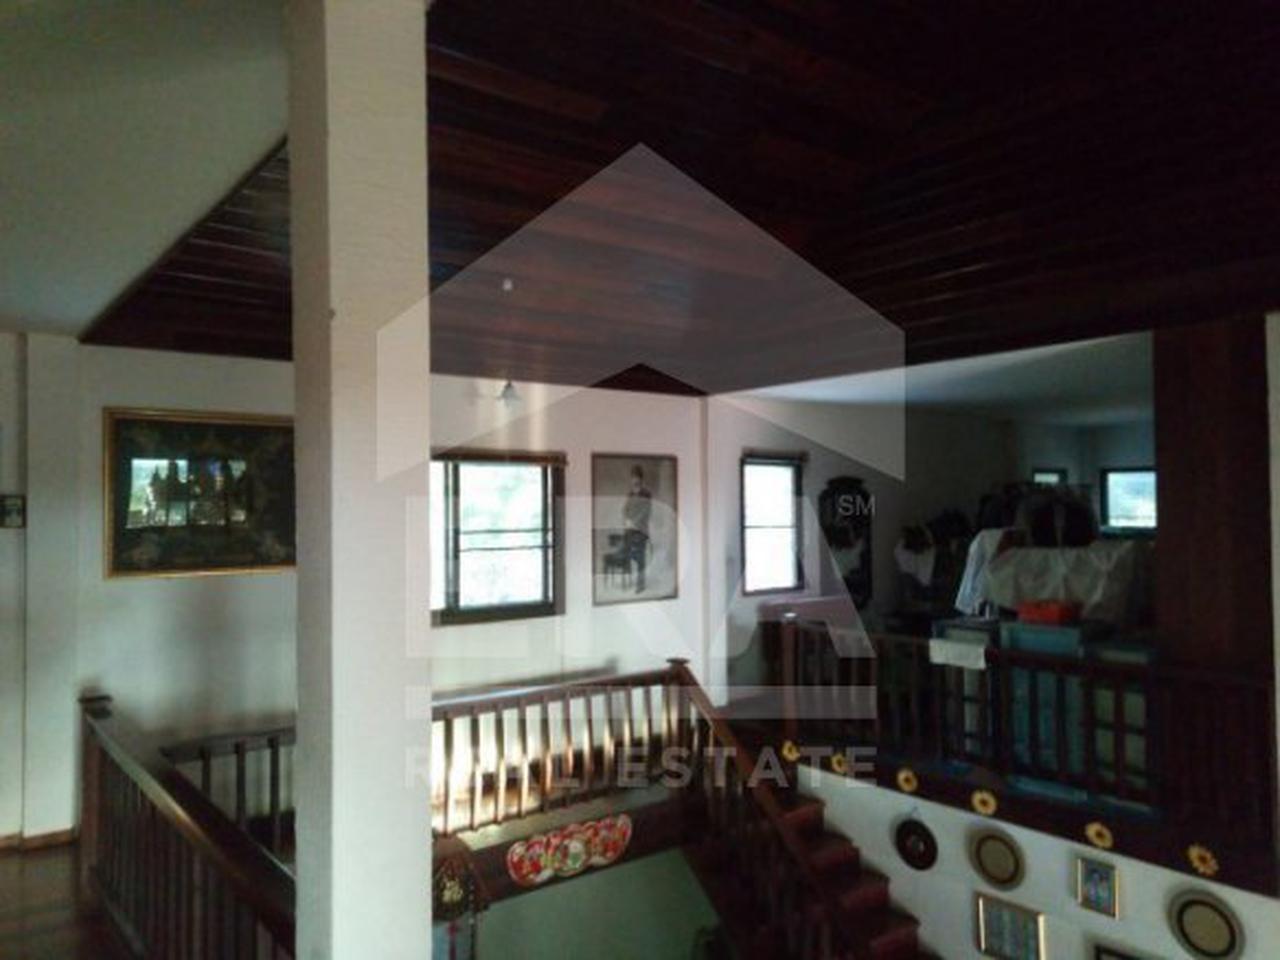 บ้านเดี่ยว 2 ชั้น เนื้อที่ 105 ตร.ว. 5 ห้องนอน 3 ห้องน้ำ ใกล้แหล่งท่องเที่ยว บรรยากาศดี รูปที่ 4